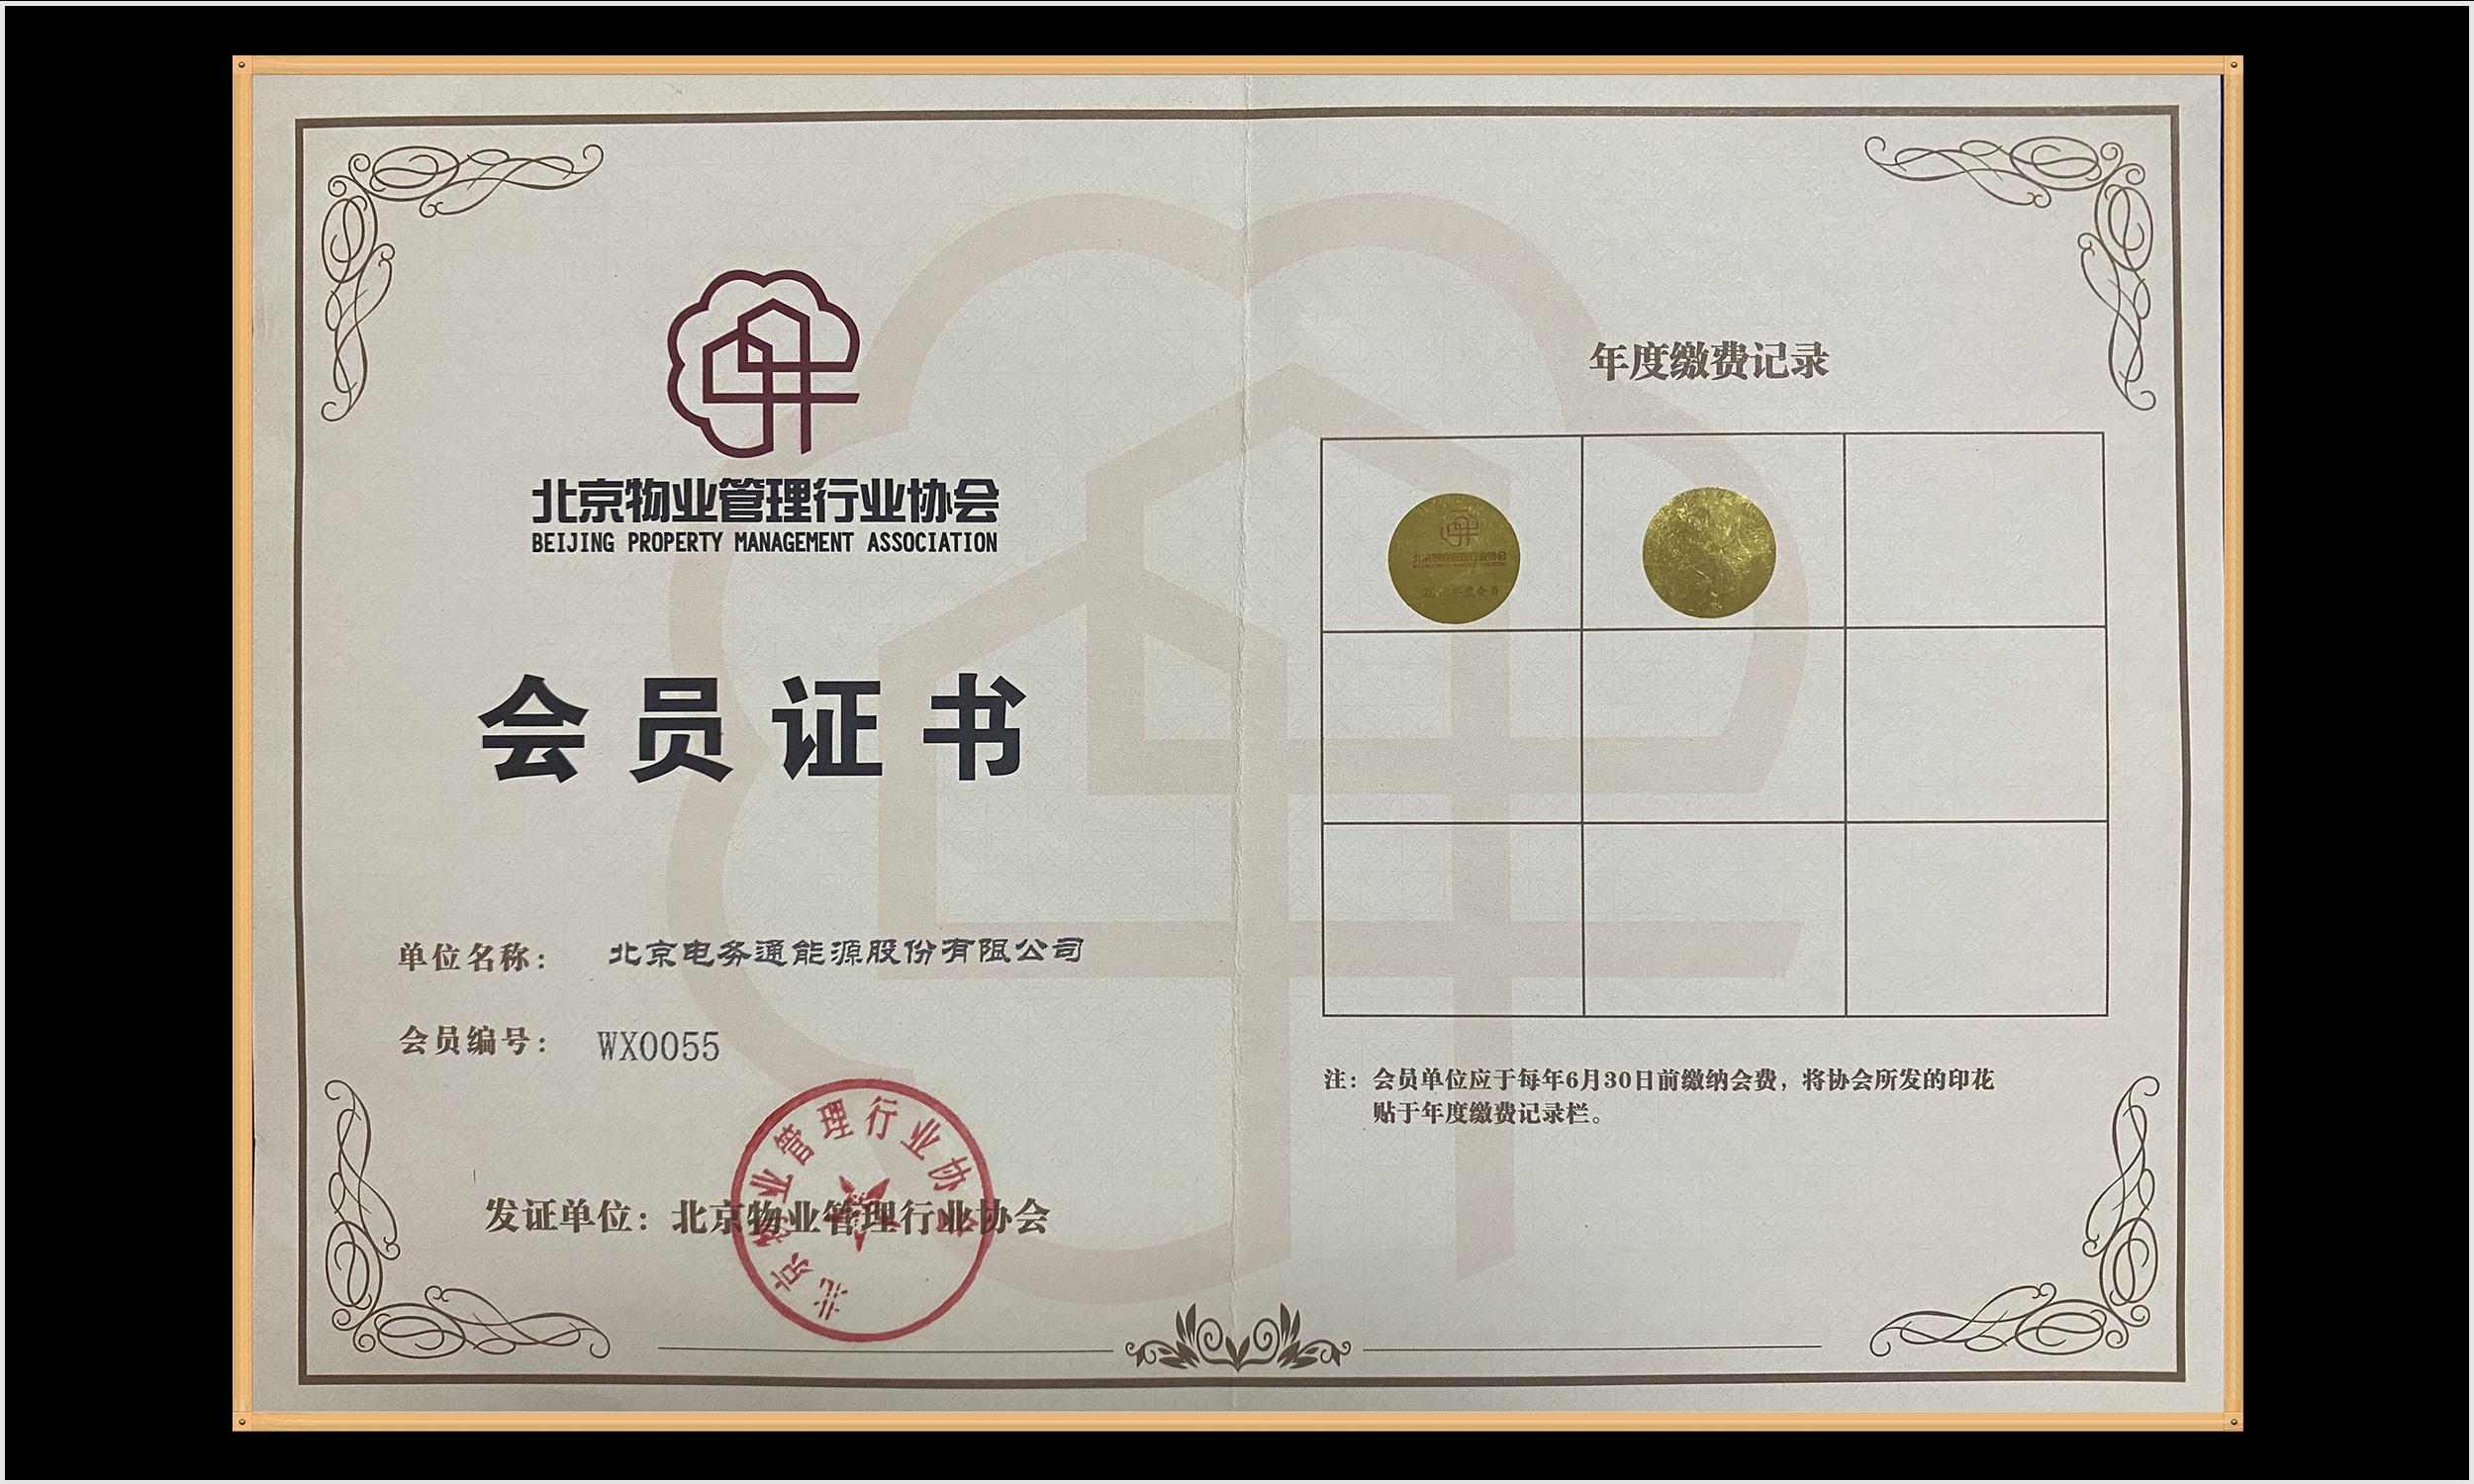 北京物業管理行業協會